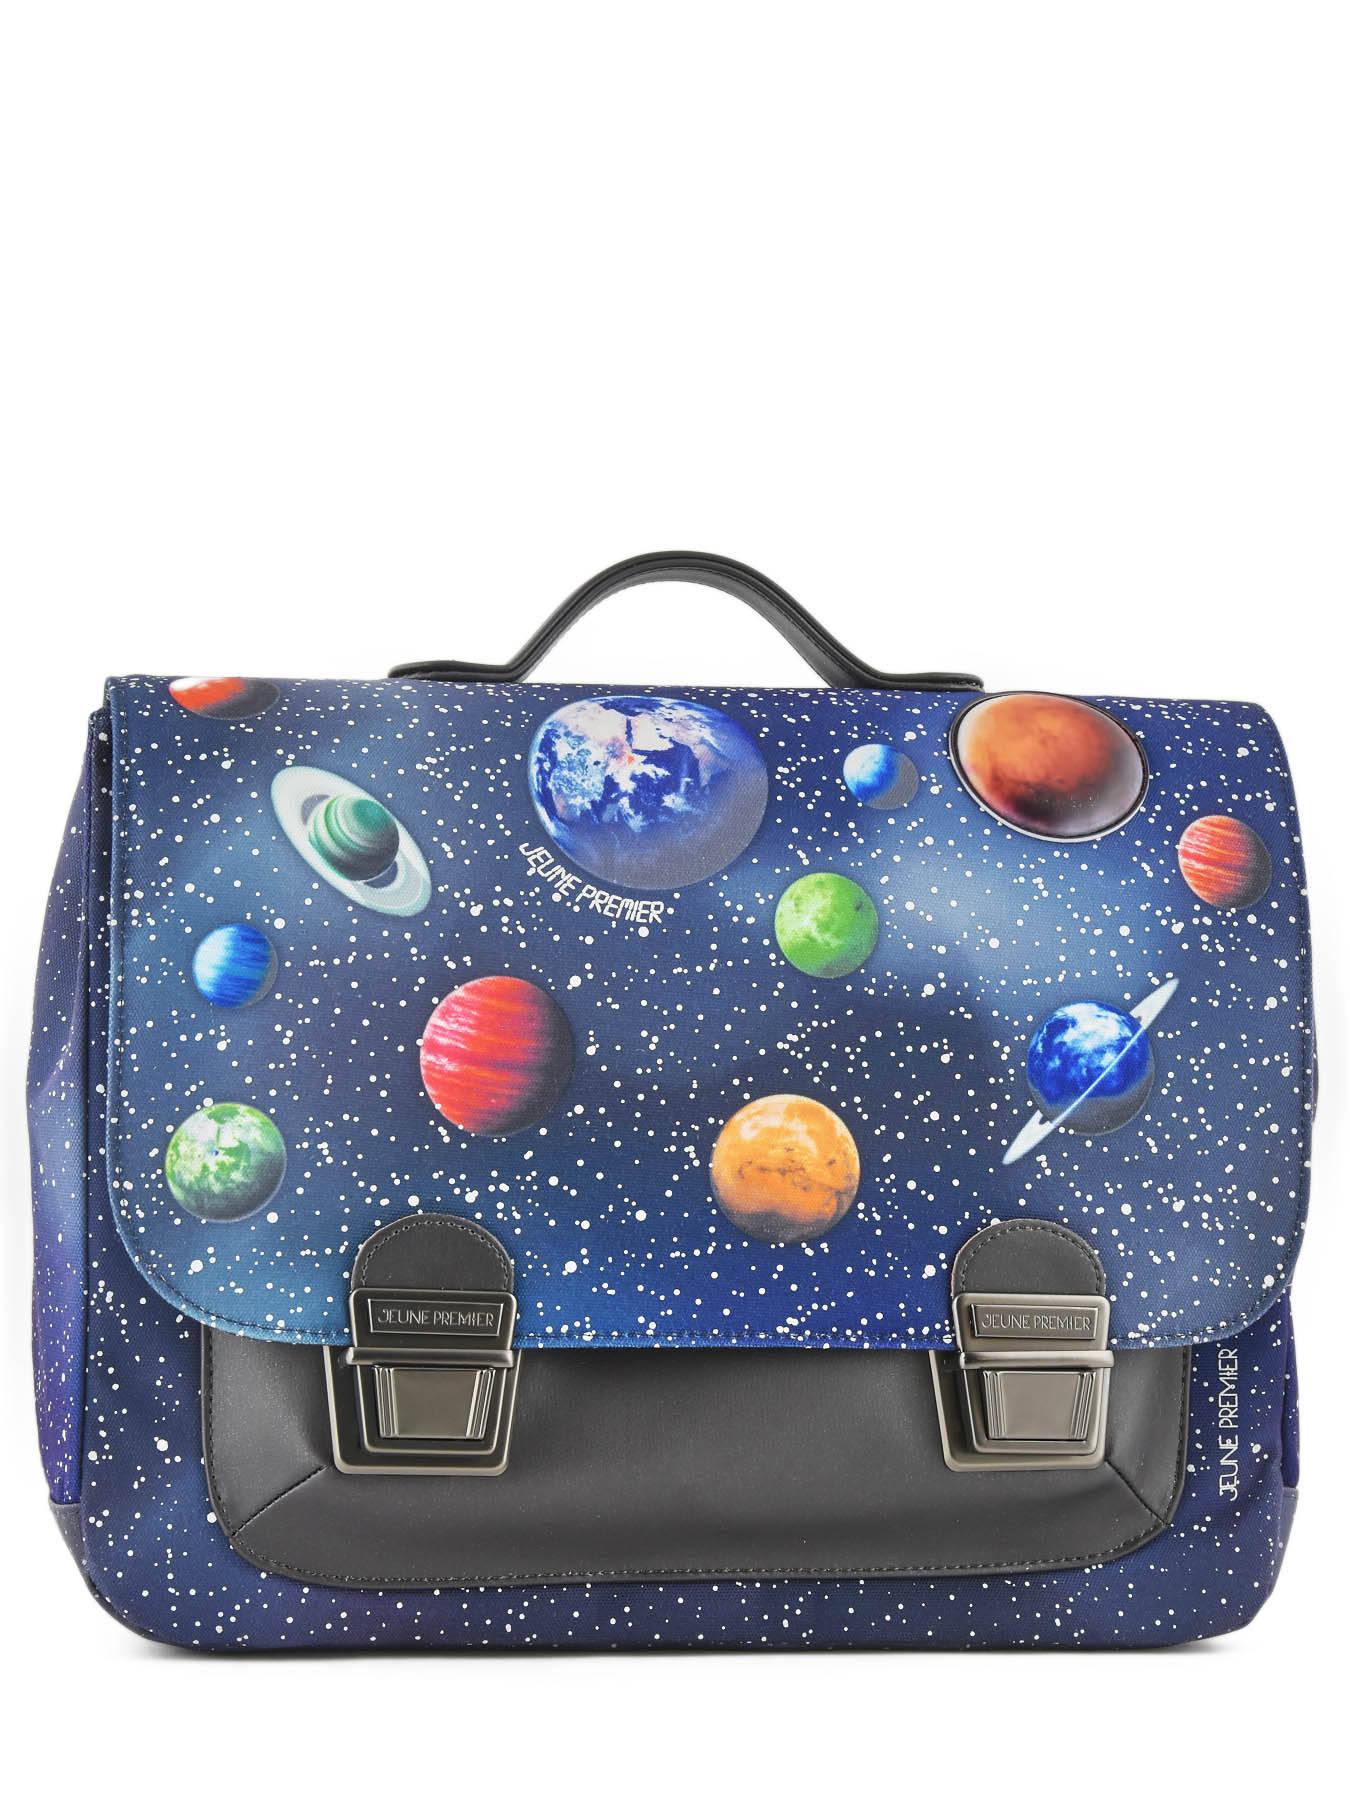 Школьный портфель для мальчика Jeune Premier Space Midi Космос, - фото 1